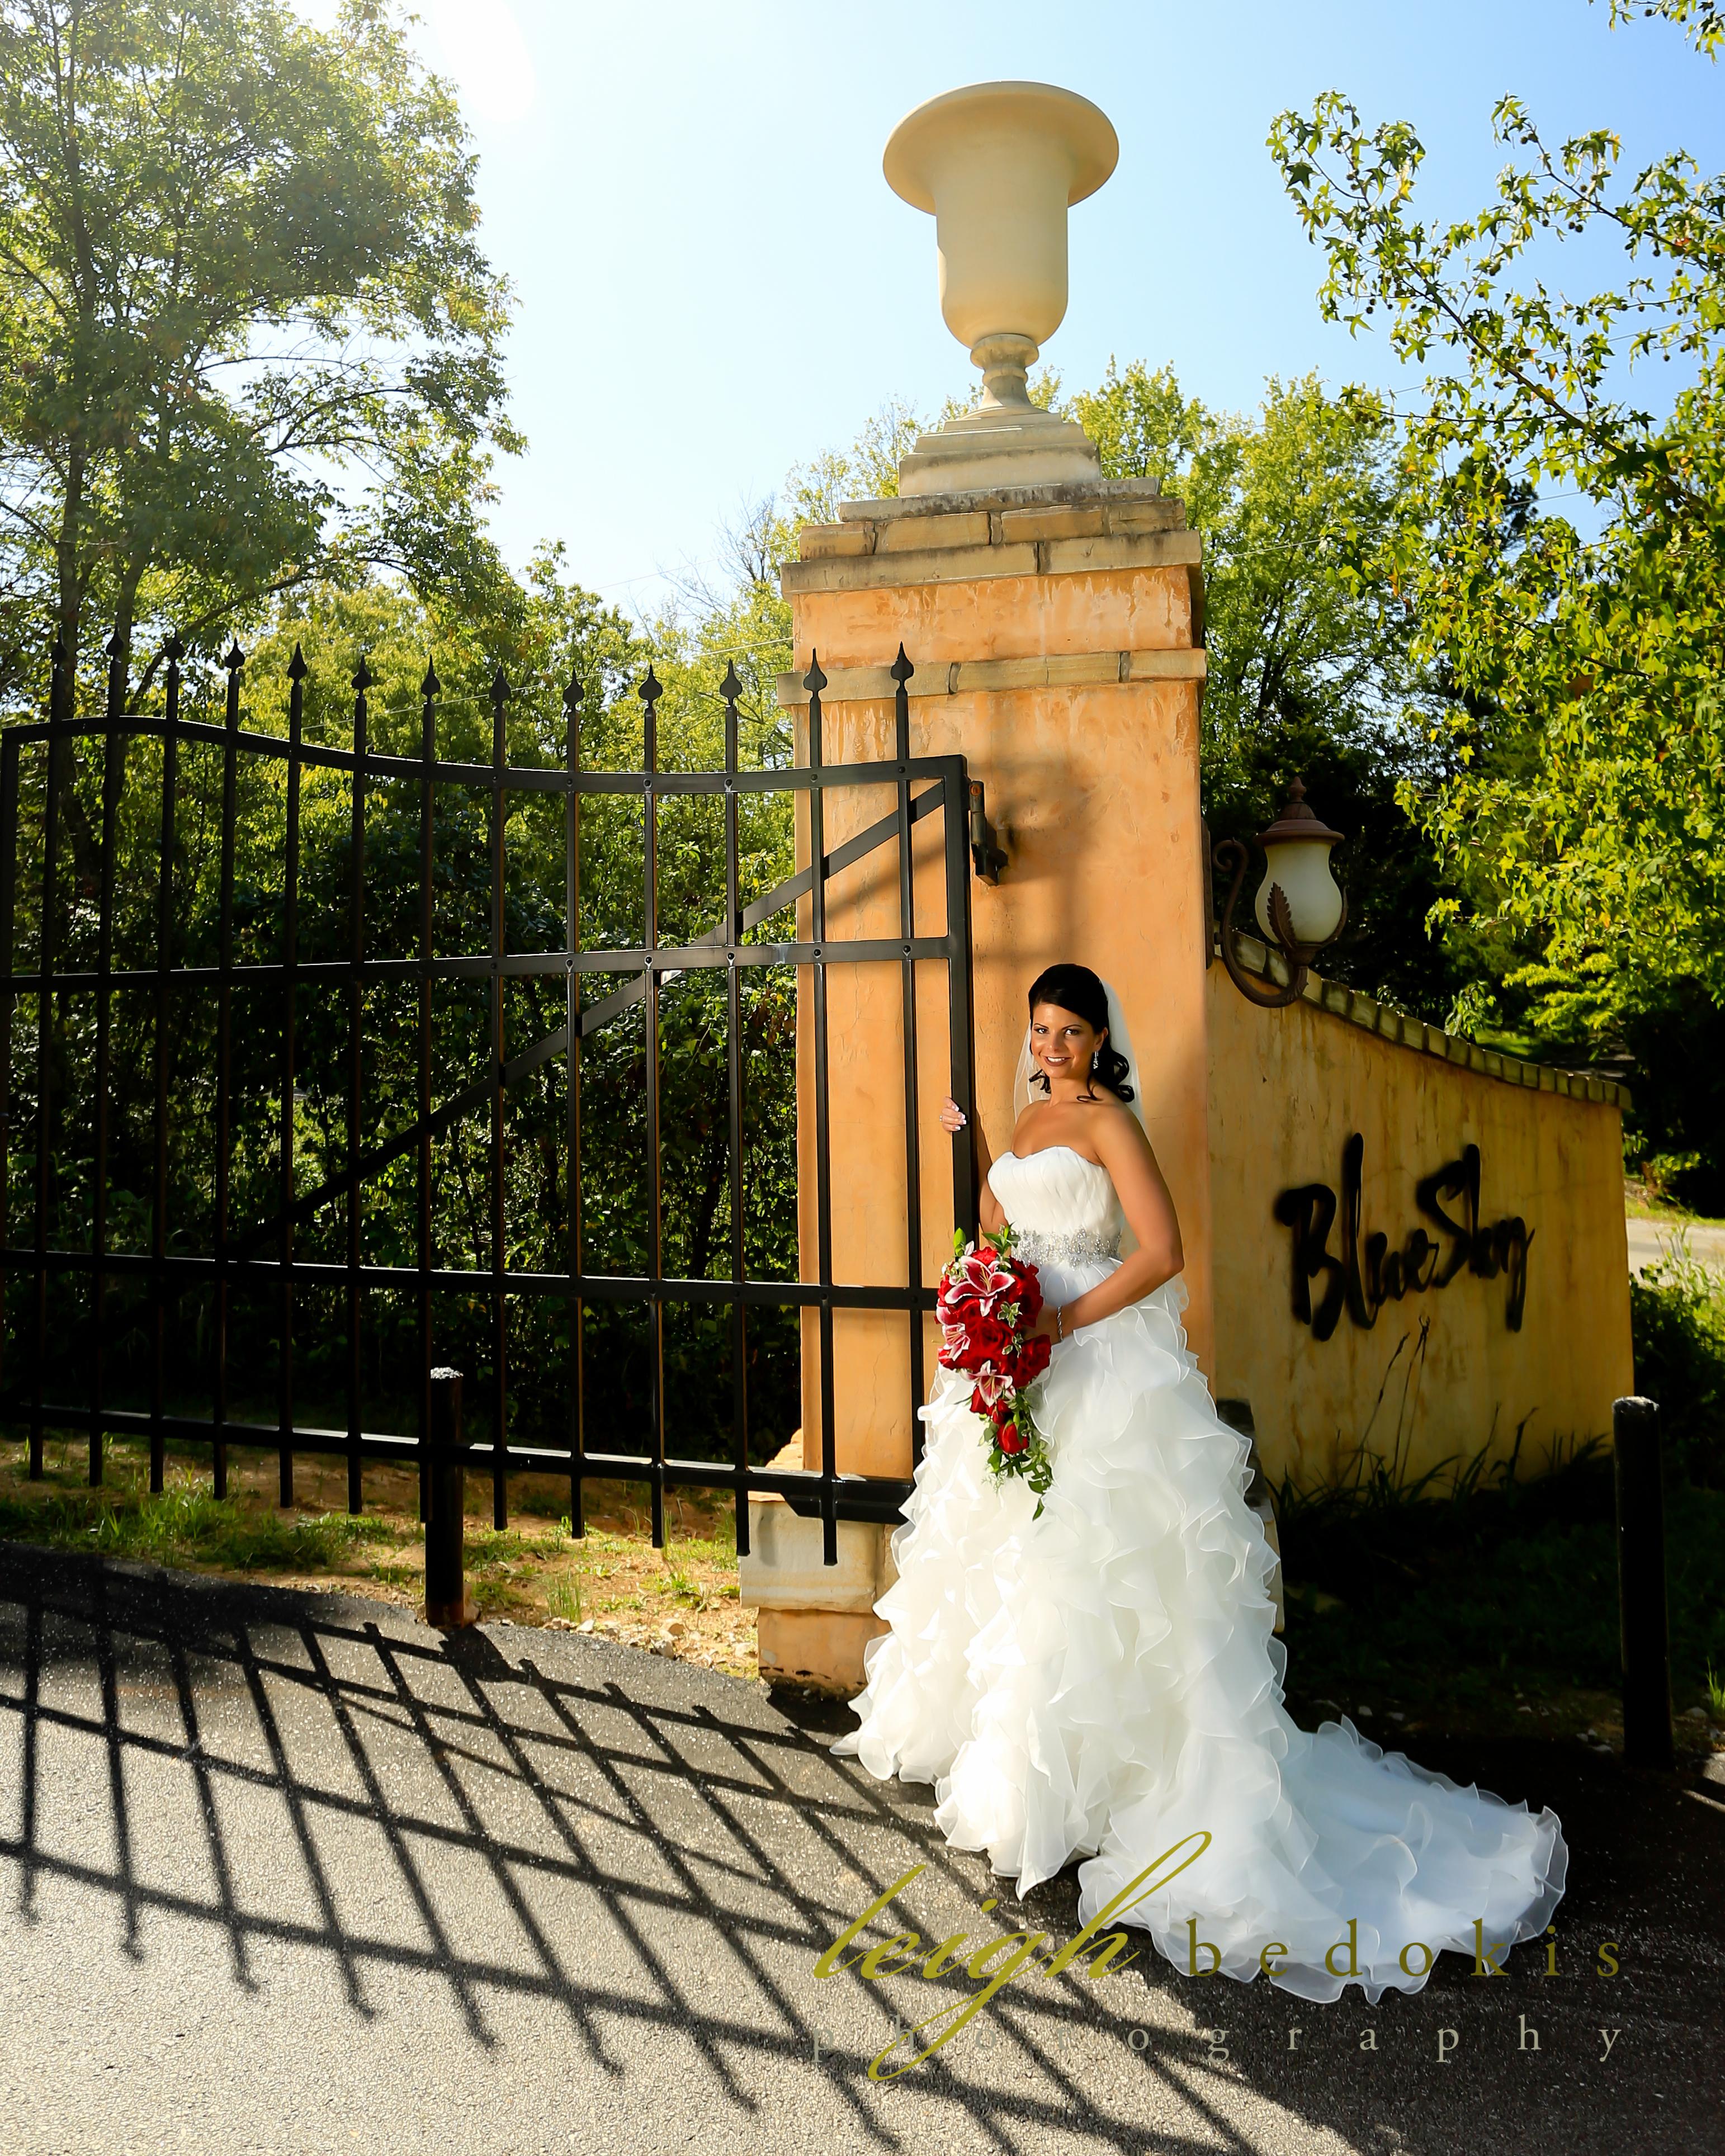 Blue Sky Vineyard - Bride